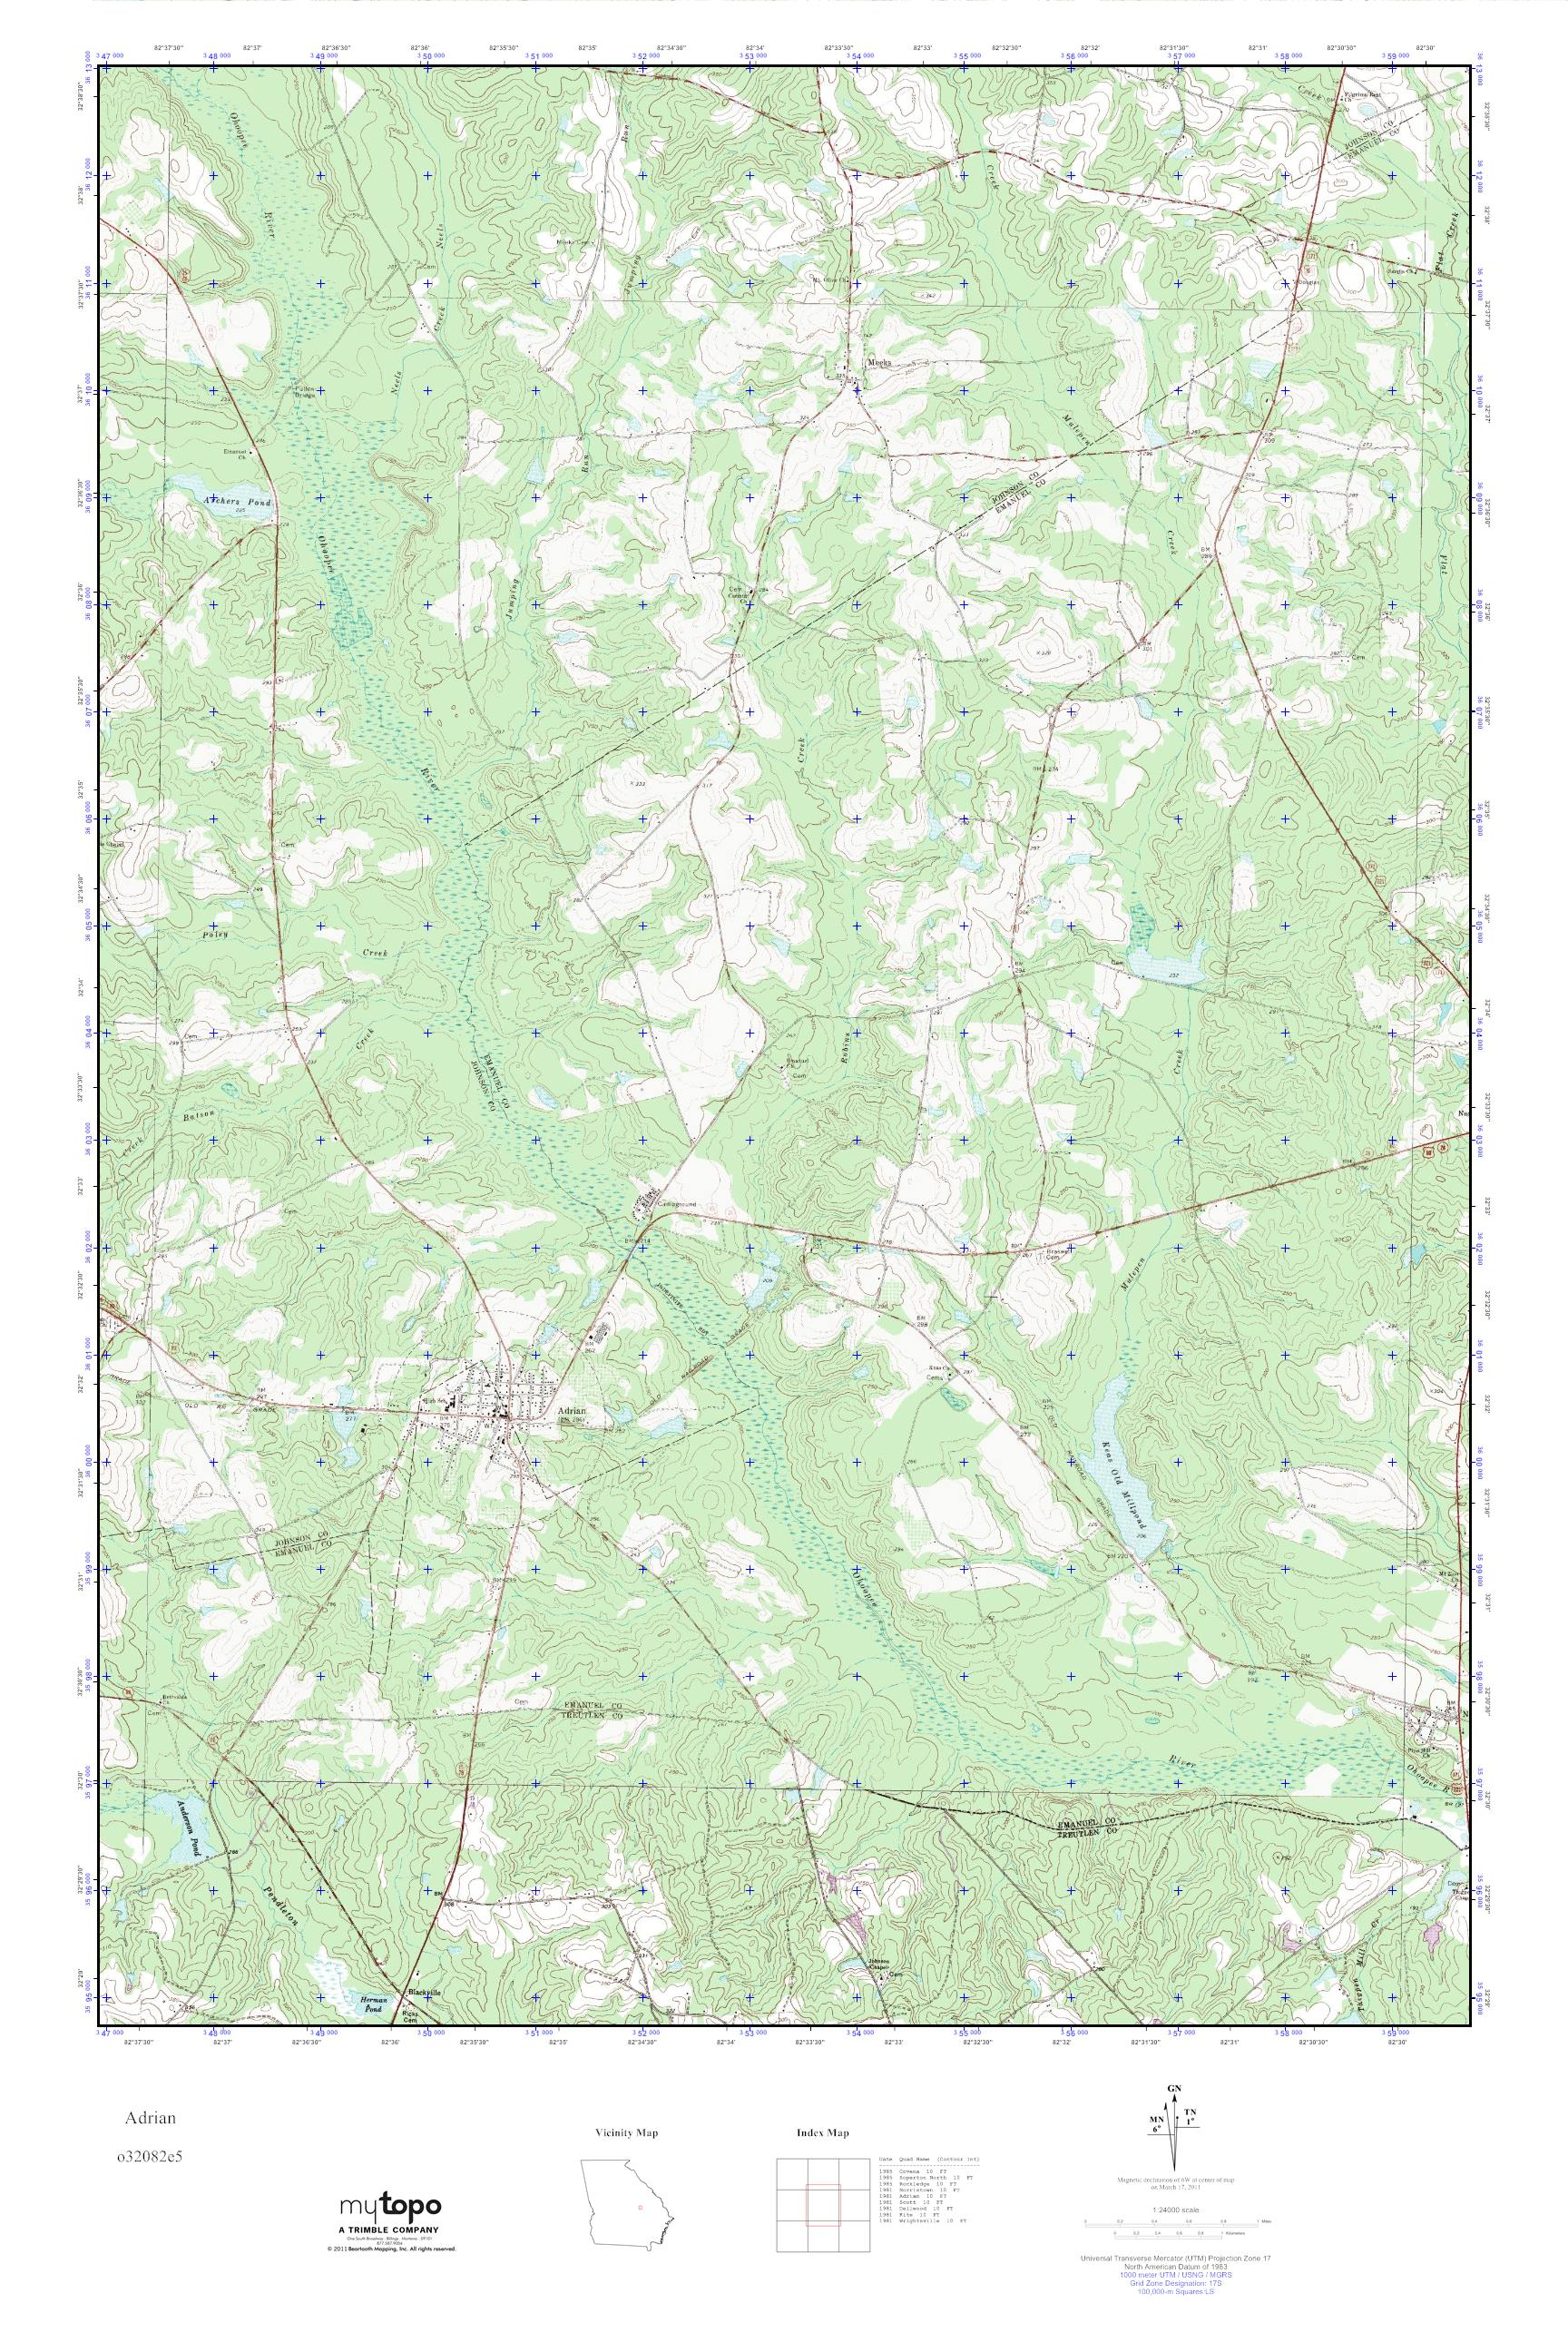 MyTopo Adrian, Georgia USGS Quad Topo Map